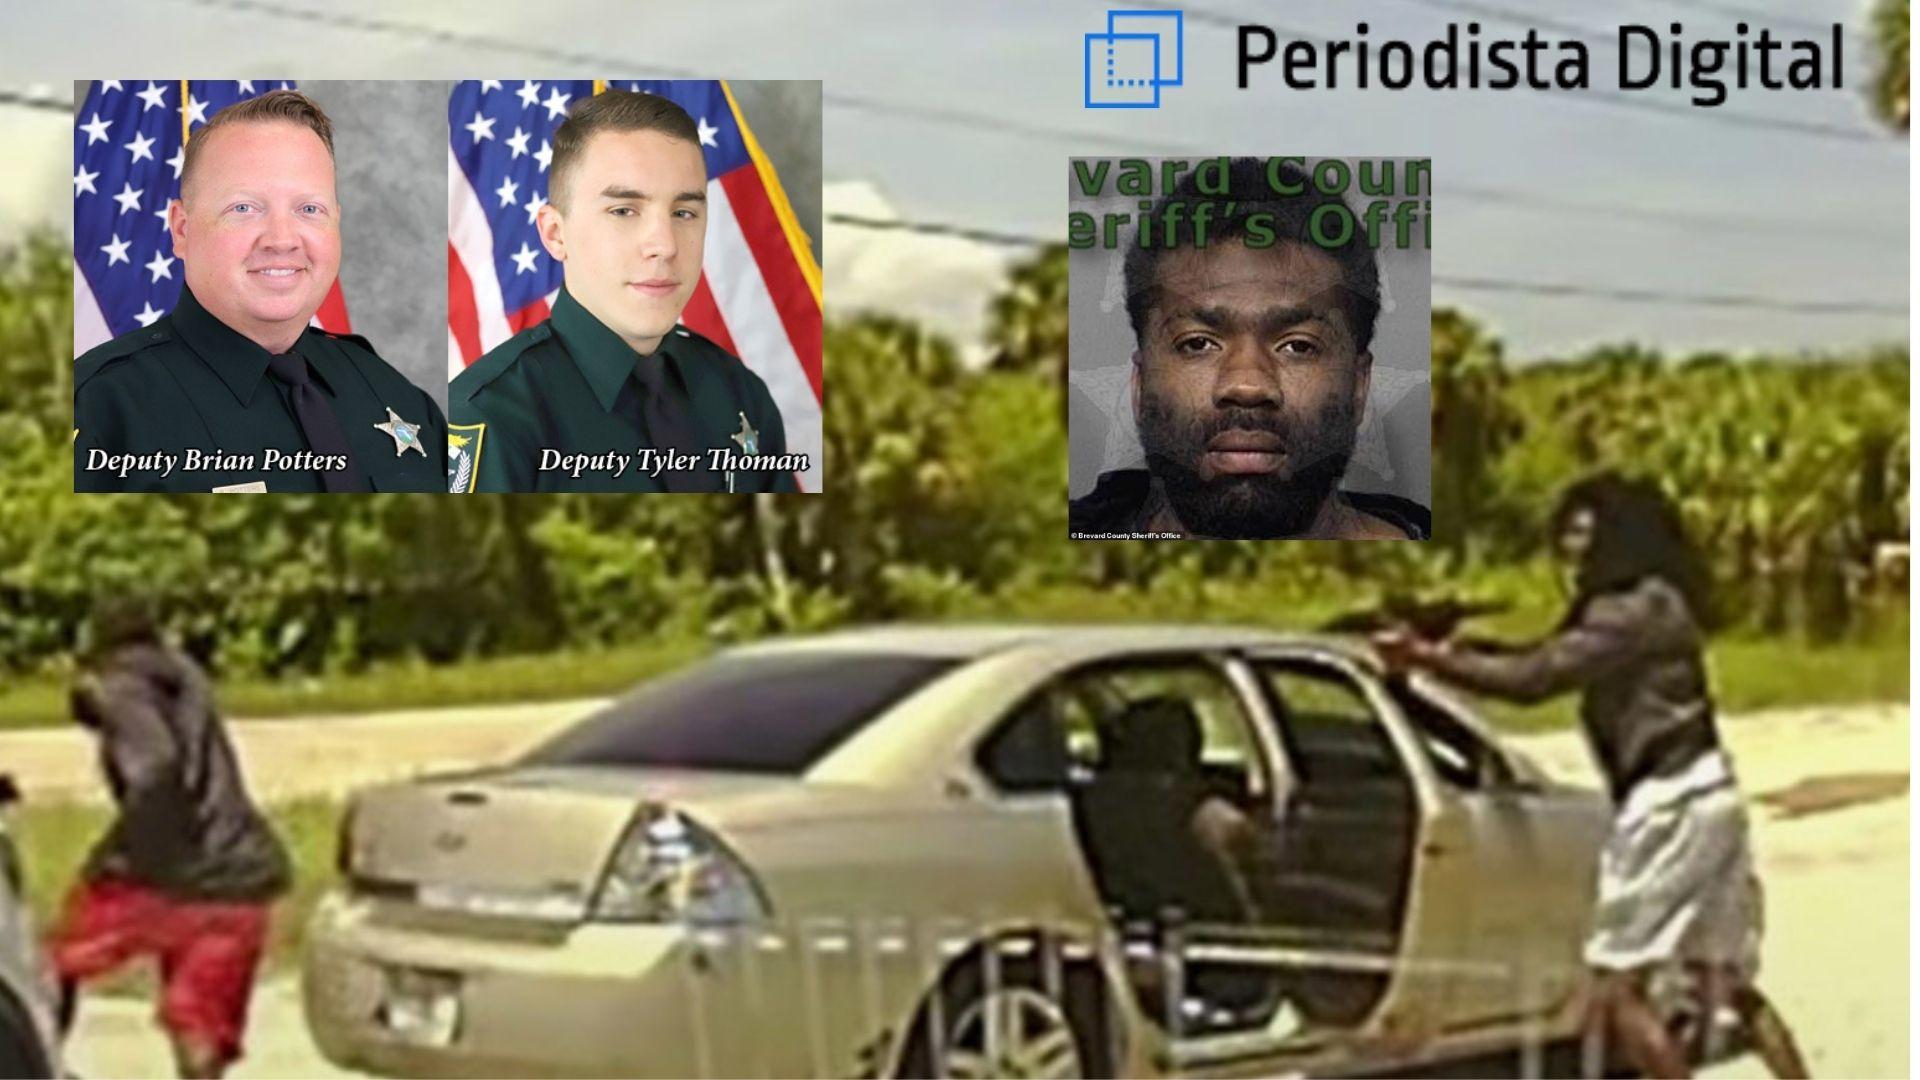 """El agente cose a tiros al maleante y el sheriff aplaude: """"el mal nunca puede morir lo suficiente"""""""